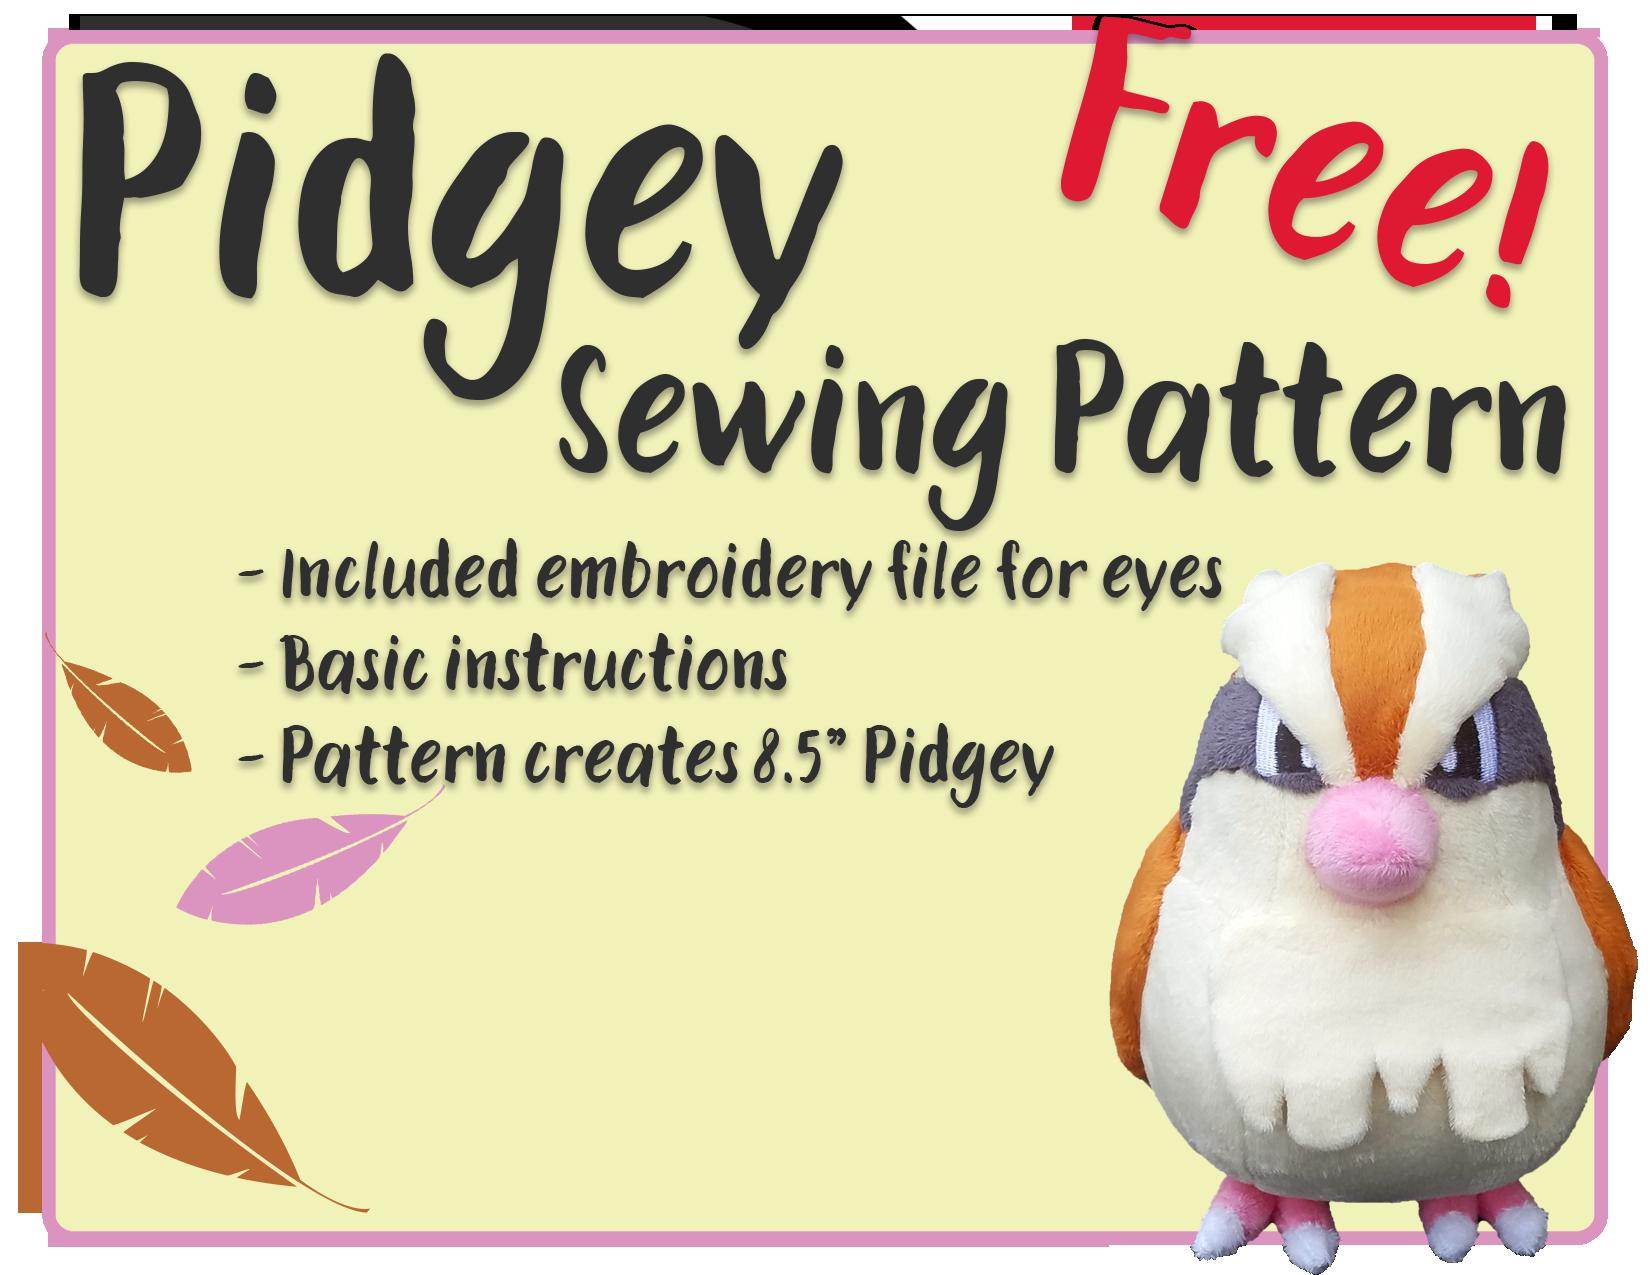 Pidgey - Free Sewing Pattern!